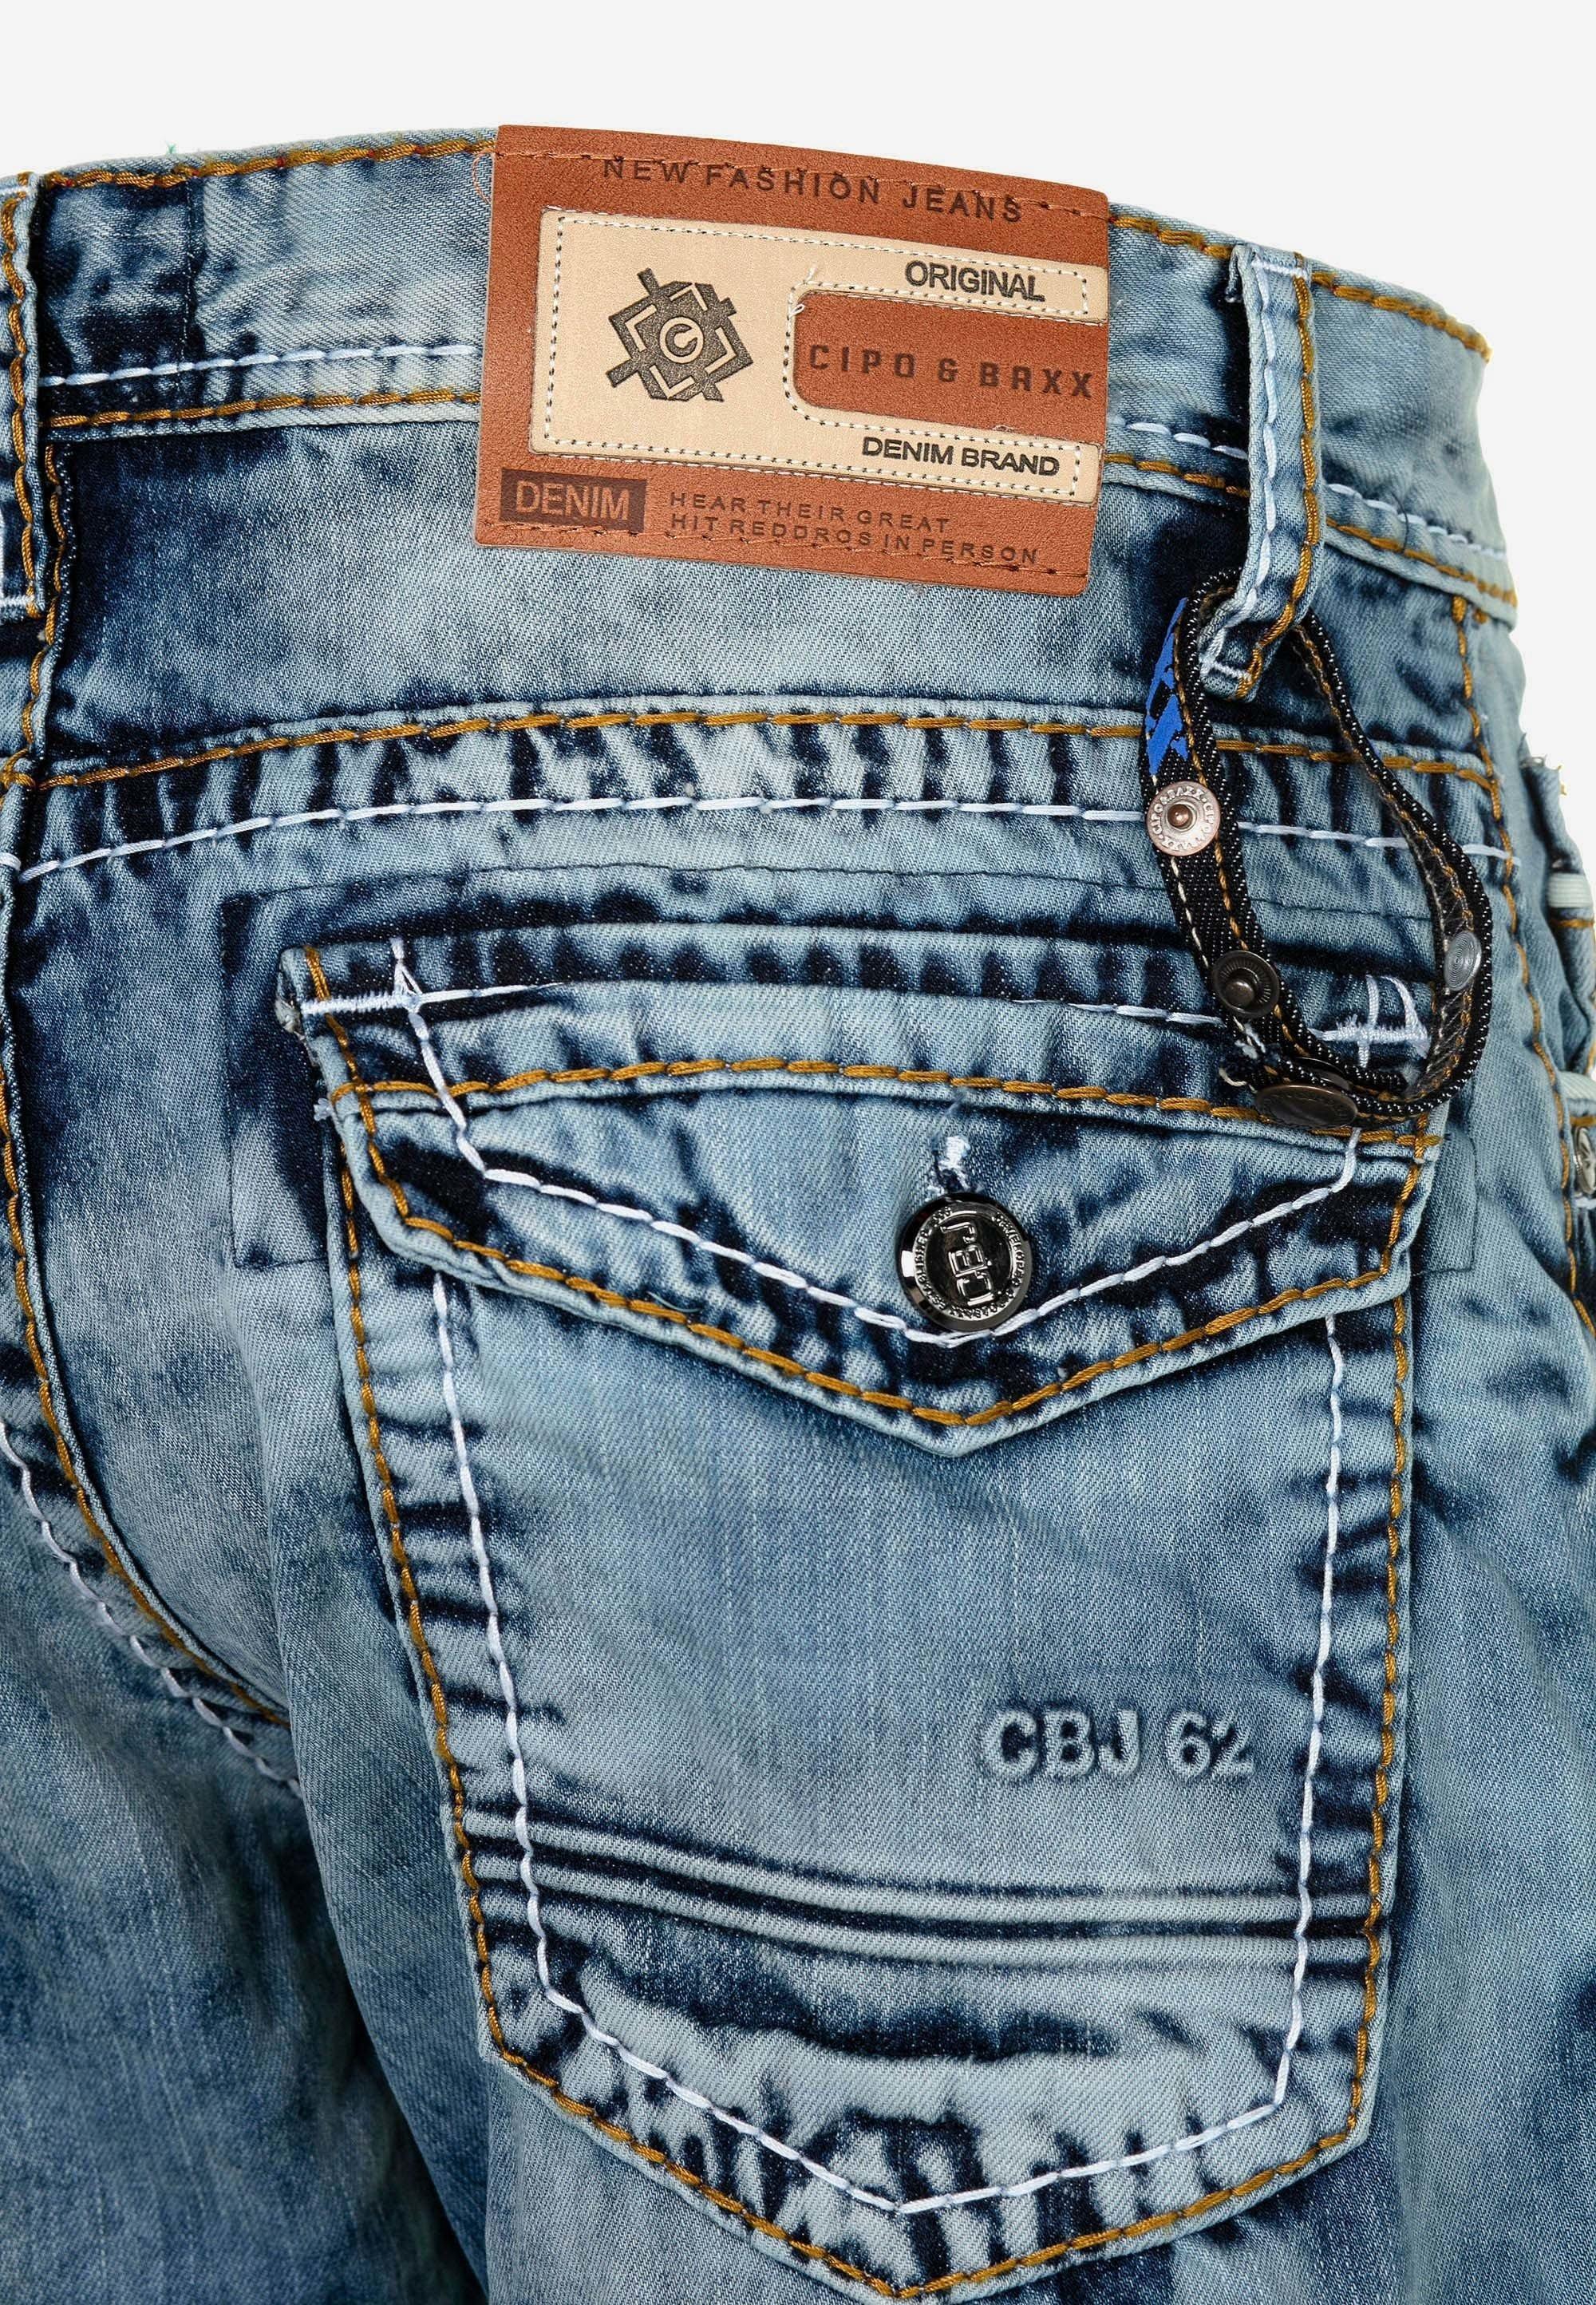 Cipo & Baxx Jeans Slim Fit - Ijsblauw Black Friday jzfuQLoF